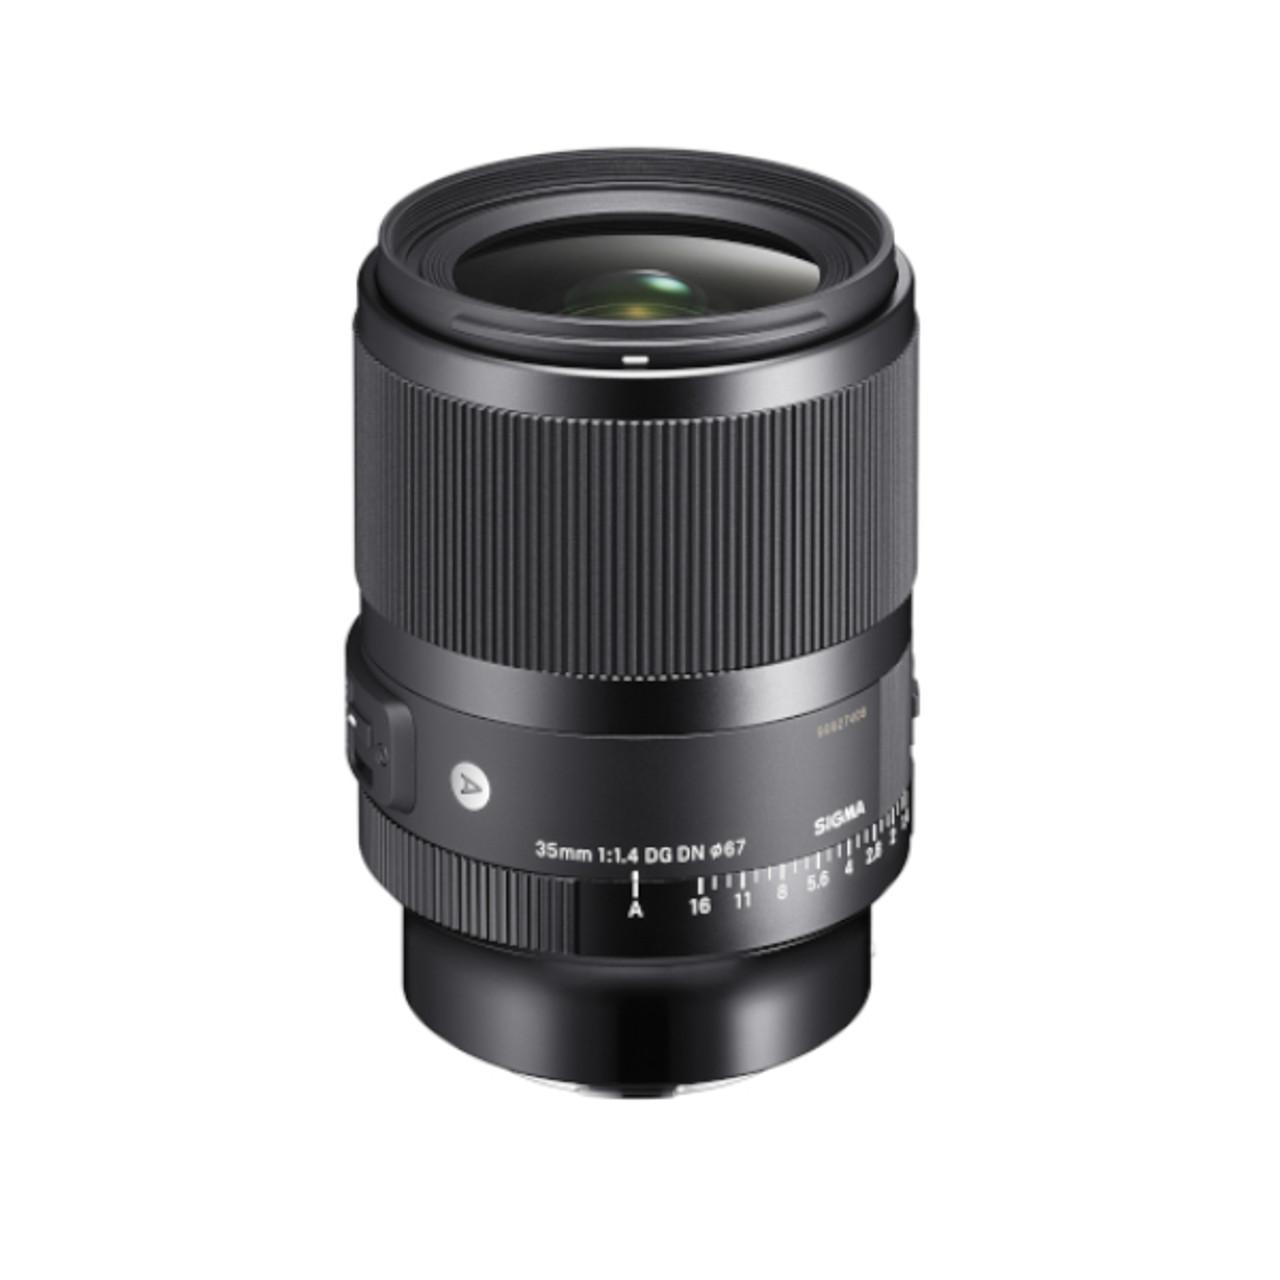 Sigma 35mm F1.4 Art DG DN L-mount